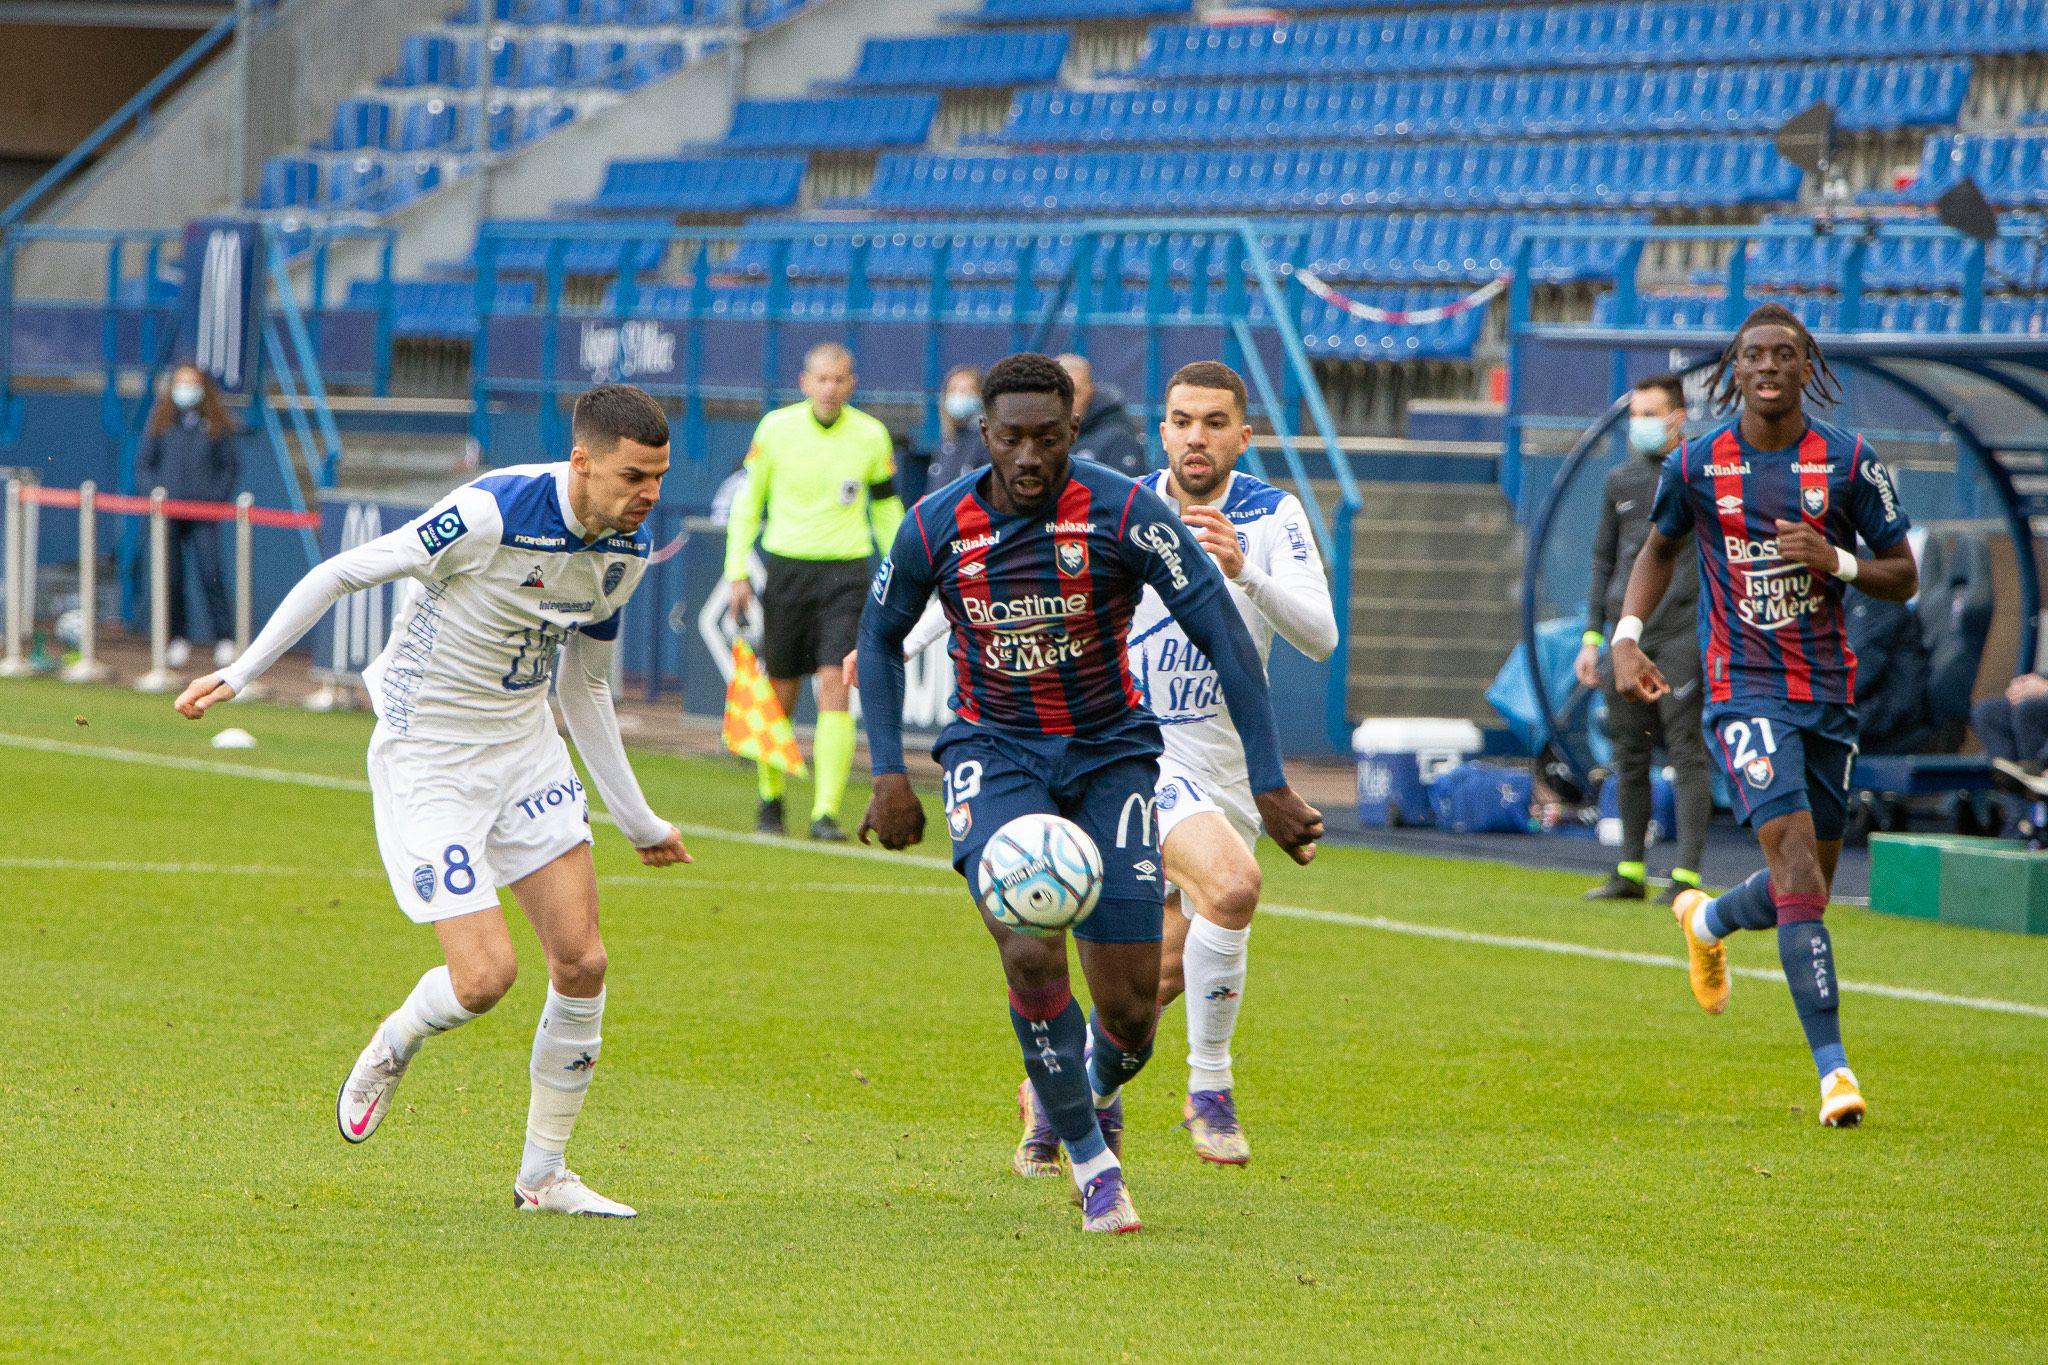 Les notes des joueurs caennais face à Troyes (0-0)